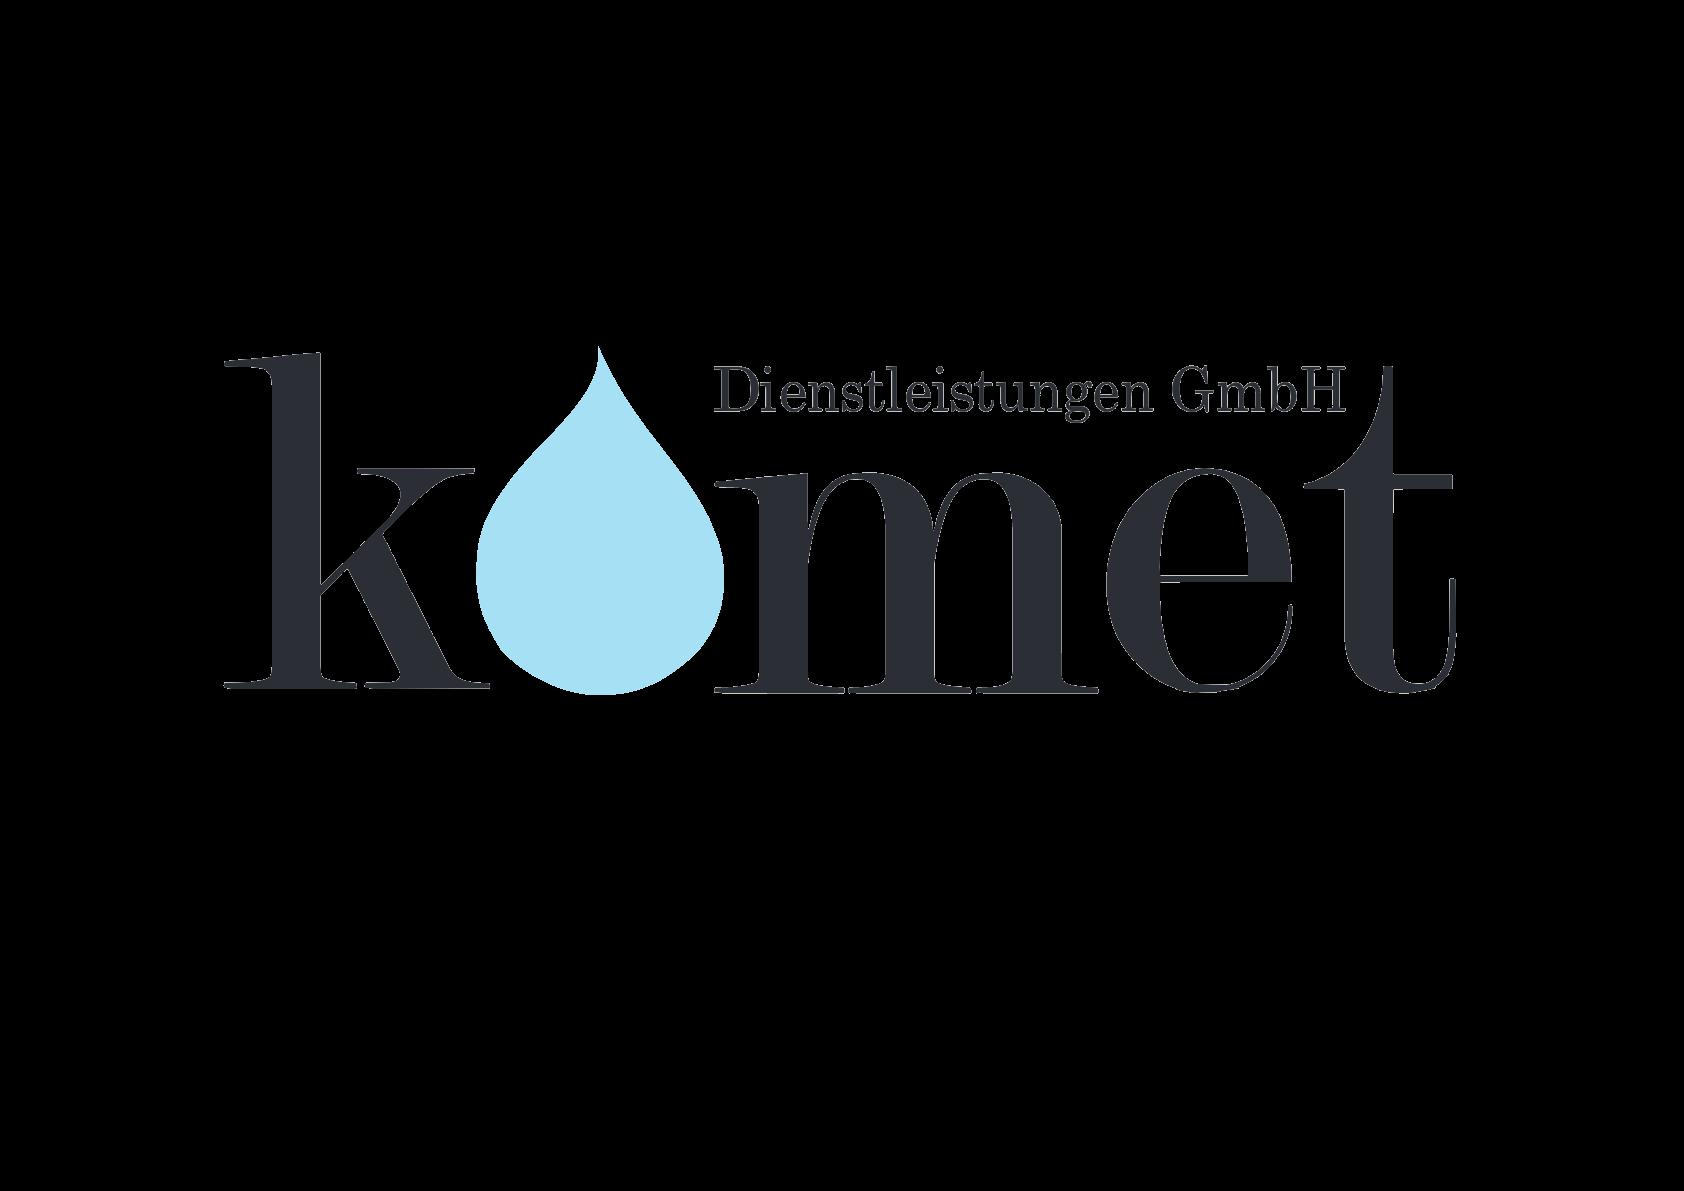 Komet Dienstleistungen GmbH